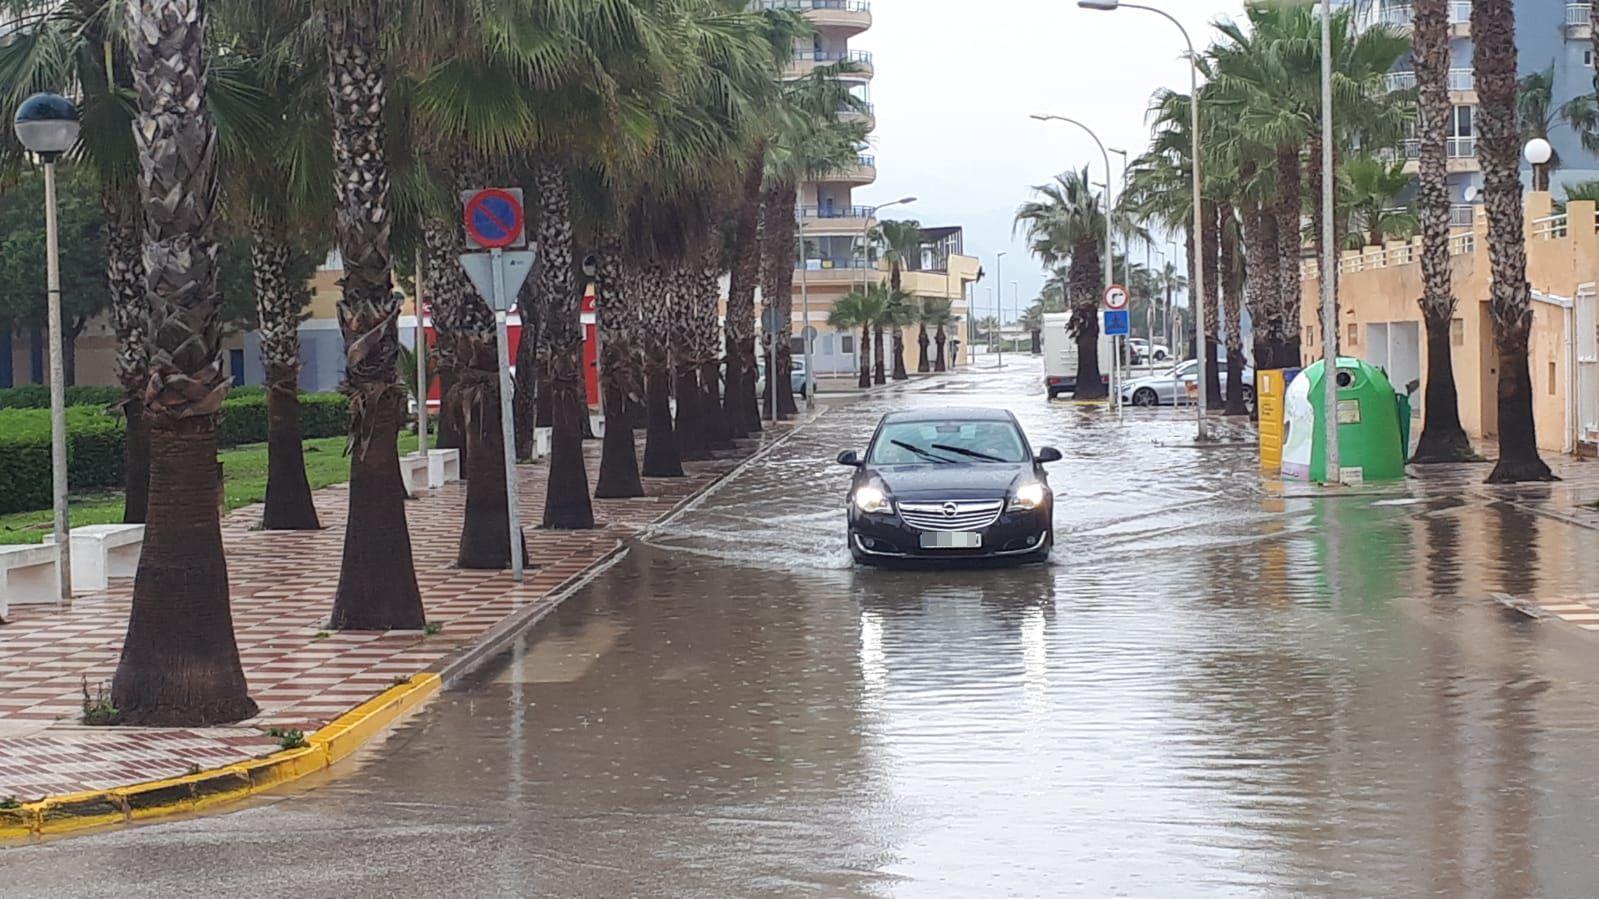 La intensidad del temporal remite pero deja caminos cortados al tráfico en la Safor